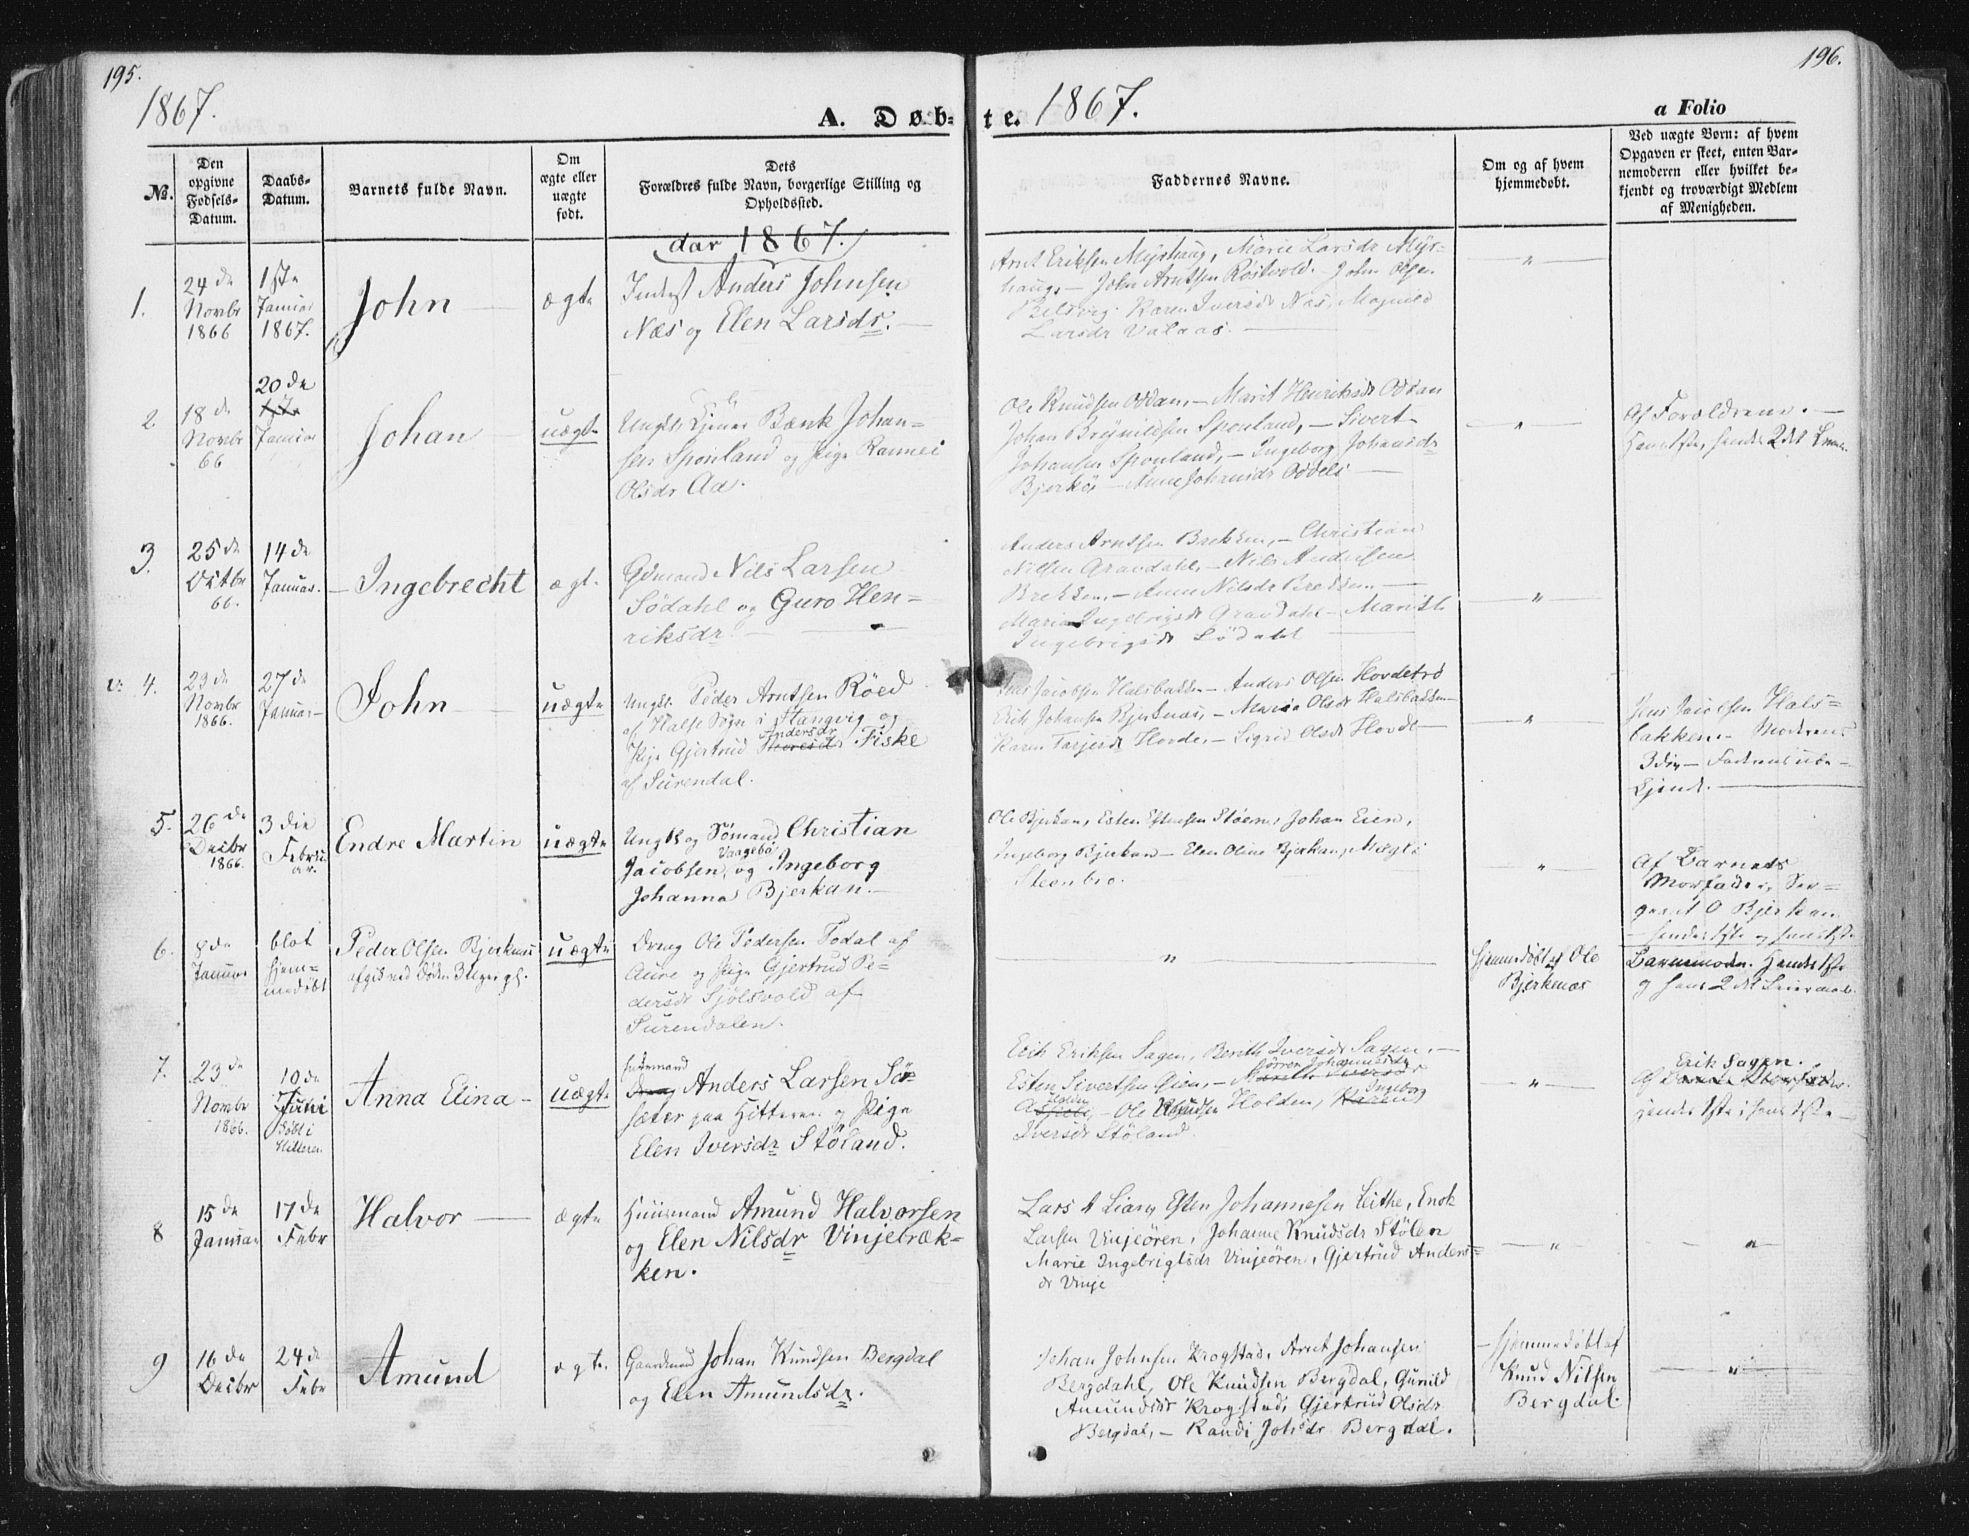 SAT, Ministerialprotokoller, klokkerbøker og fødselsregistre - Sør-Trøndelag, 630/L0494: Ministerialbok nr. 630A07, 1852-1868, s. 195-196